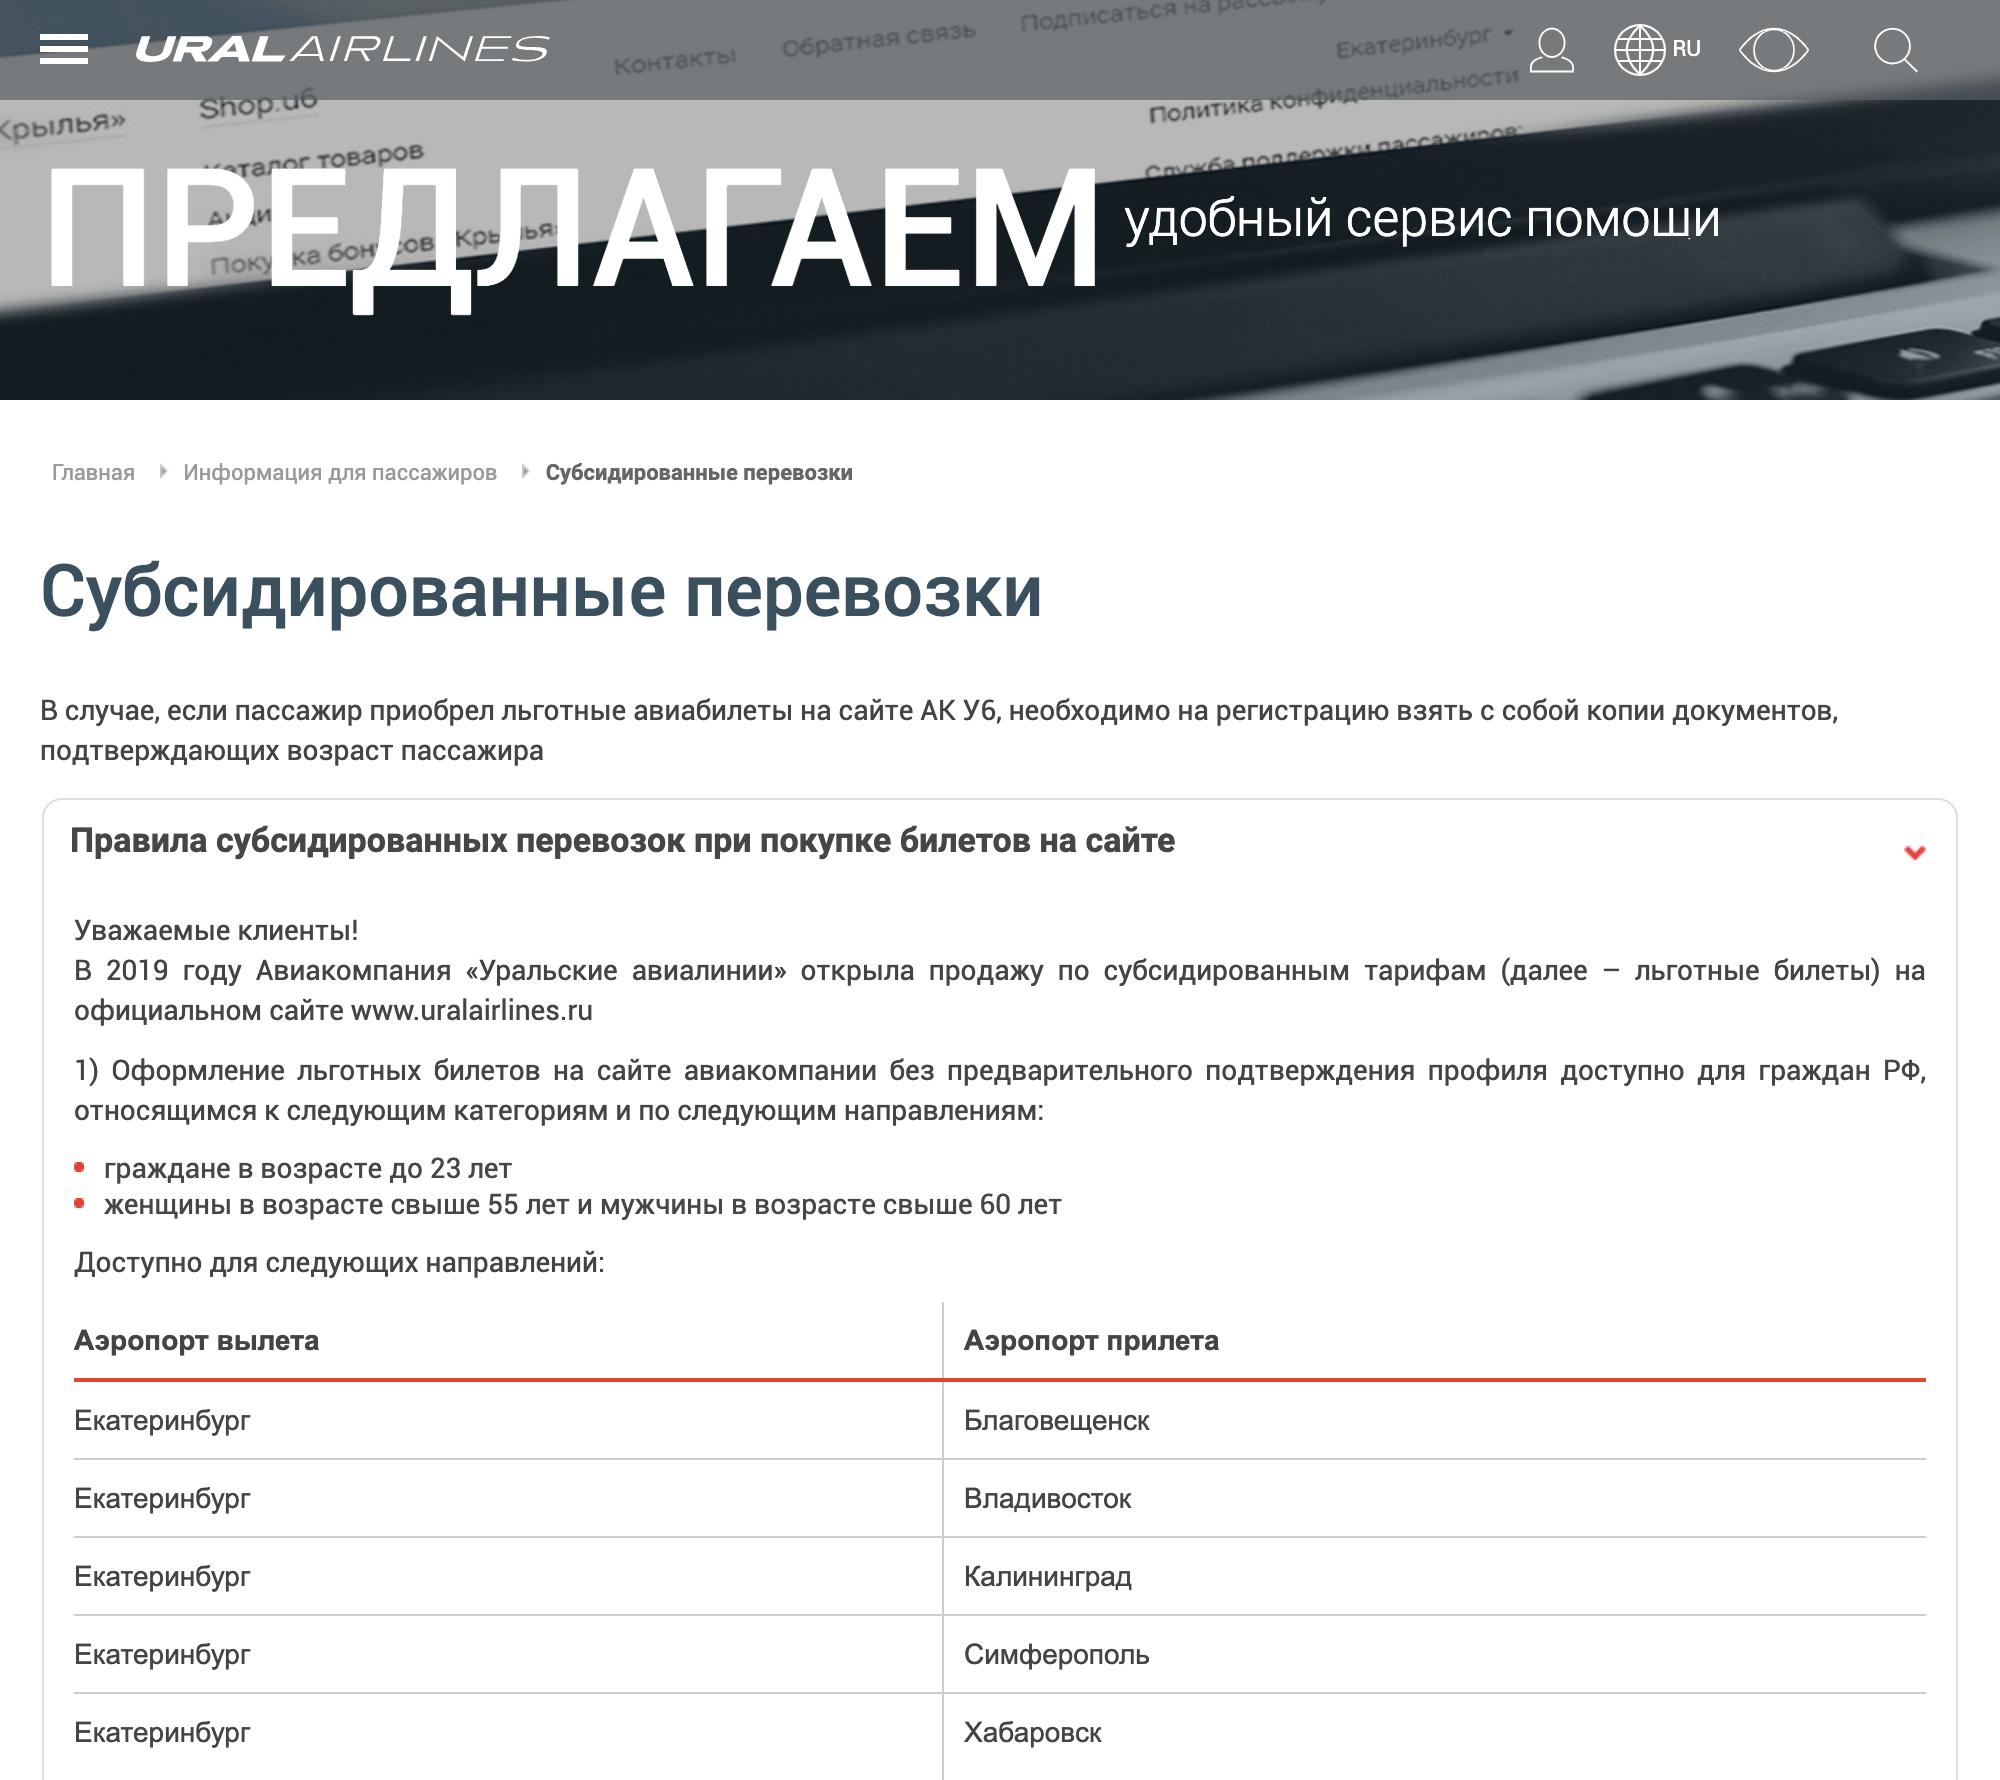 Субсидируемые маршруты «Уральских авиалиний» на 2019{amp}amp;nbsp;год